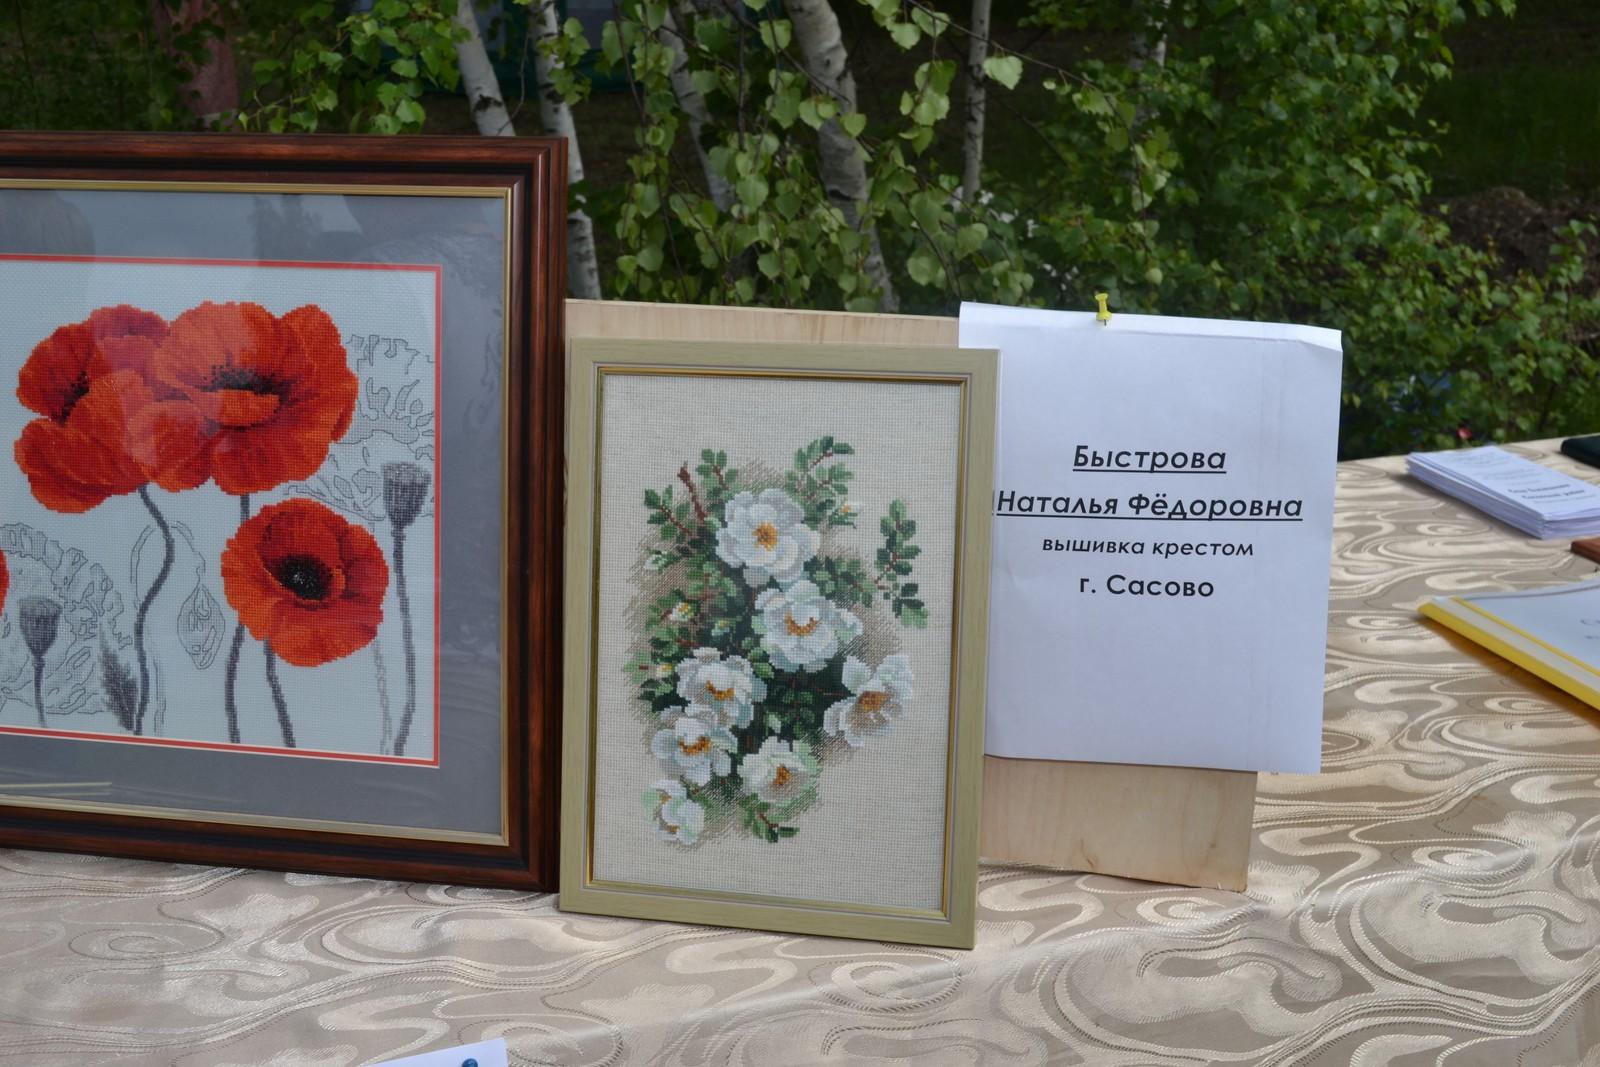 Sabantuy-2016-yarmarka-umel'tsev-552-Bastanovo